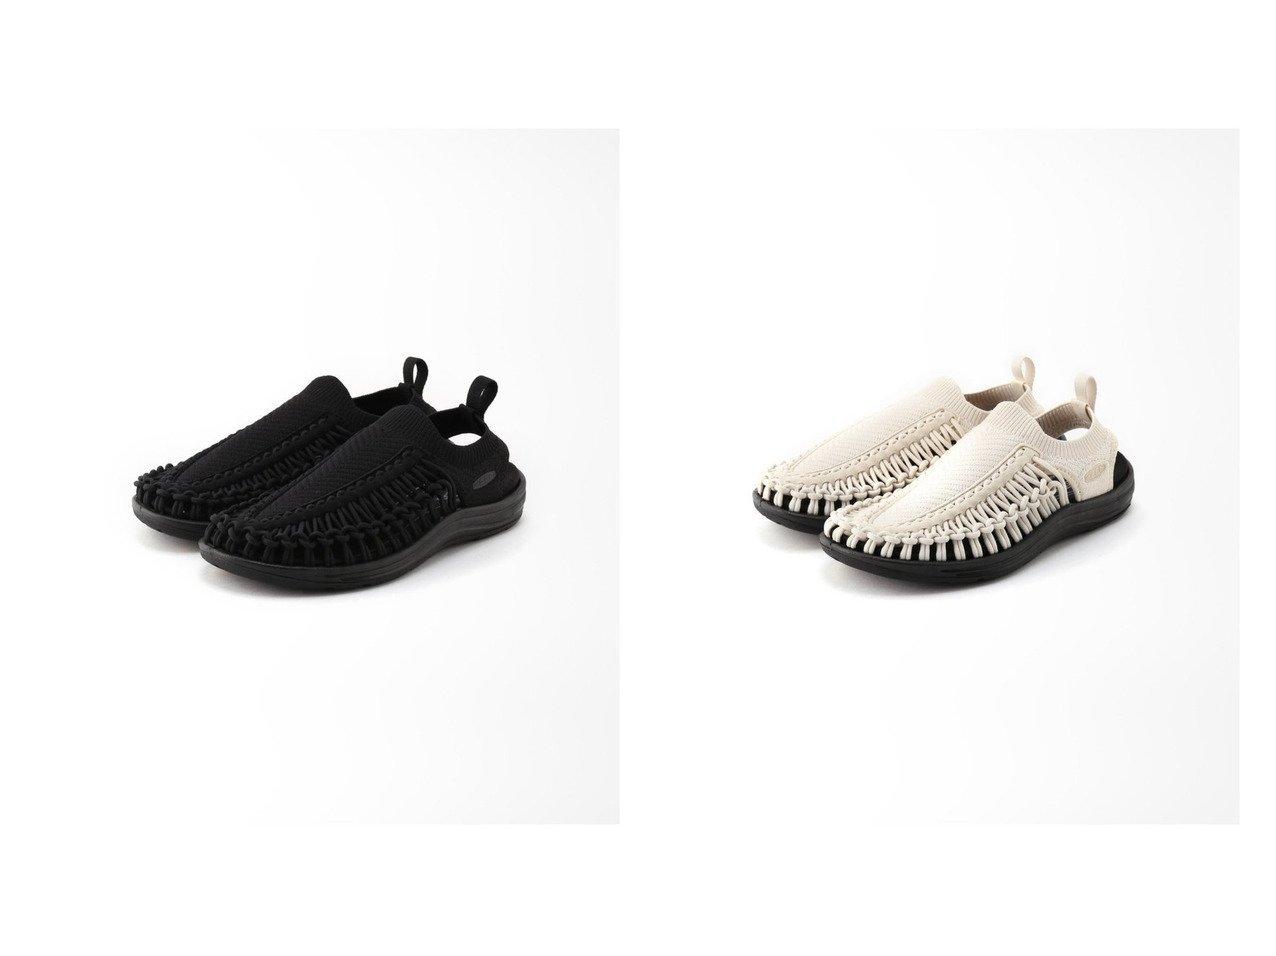 【JOURNAL STANDARD/ジャーナルスタンダード】の【キーン】UNEEK EVO サンダル 【シューズ・靴】おすすめ!人気、トレンド・レディースファッションの通販 おすすめで人気の流行・トレンド、ファッションの通販商品 インテリア・家具・メンズファッション・キッズファッション・レディースファッション・服の通販 founy(ファニー) https://founy.com/ ファッション Fashion レディースファッション WOMEN 2020年 2020 2020春夏・S/S SS・Spring/Summer/2020 S/S・春夏 SS・Spring/Summer カリフォルニア サンダル シューズ ミュール |ID:crp329100000045532